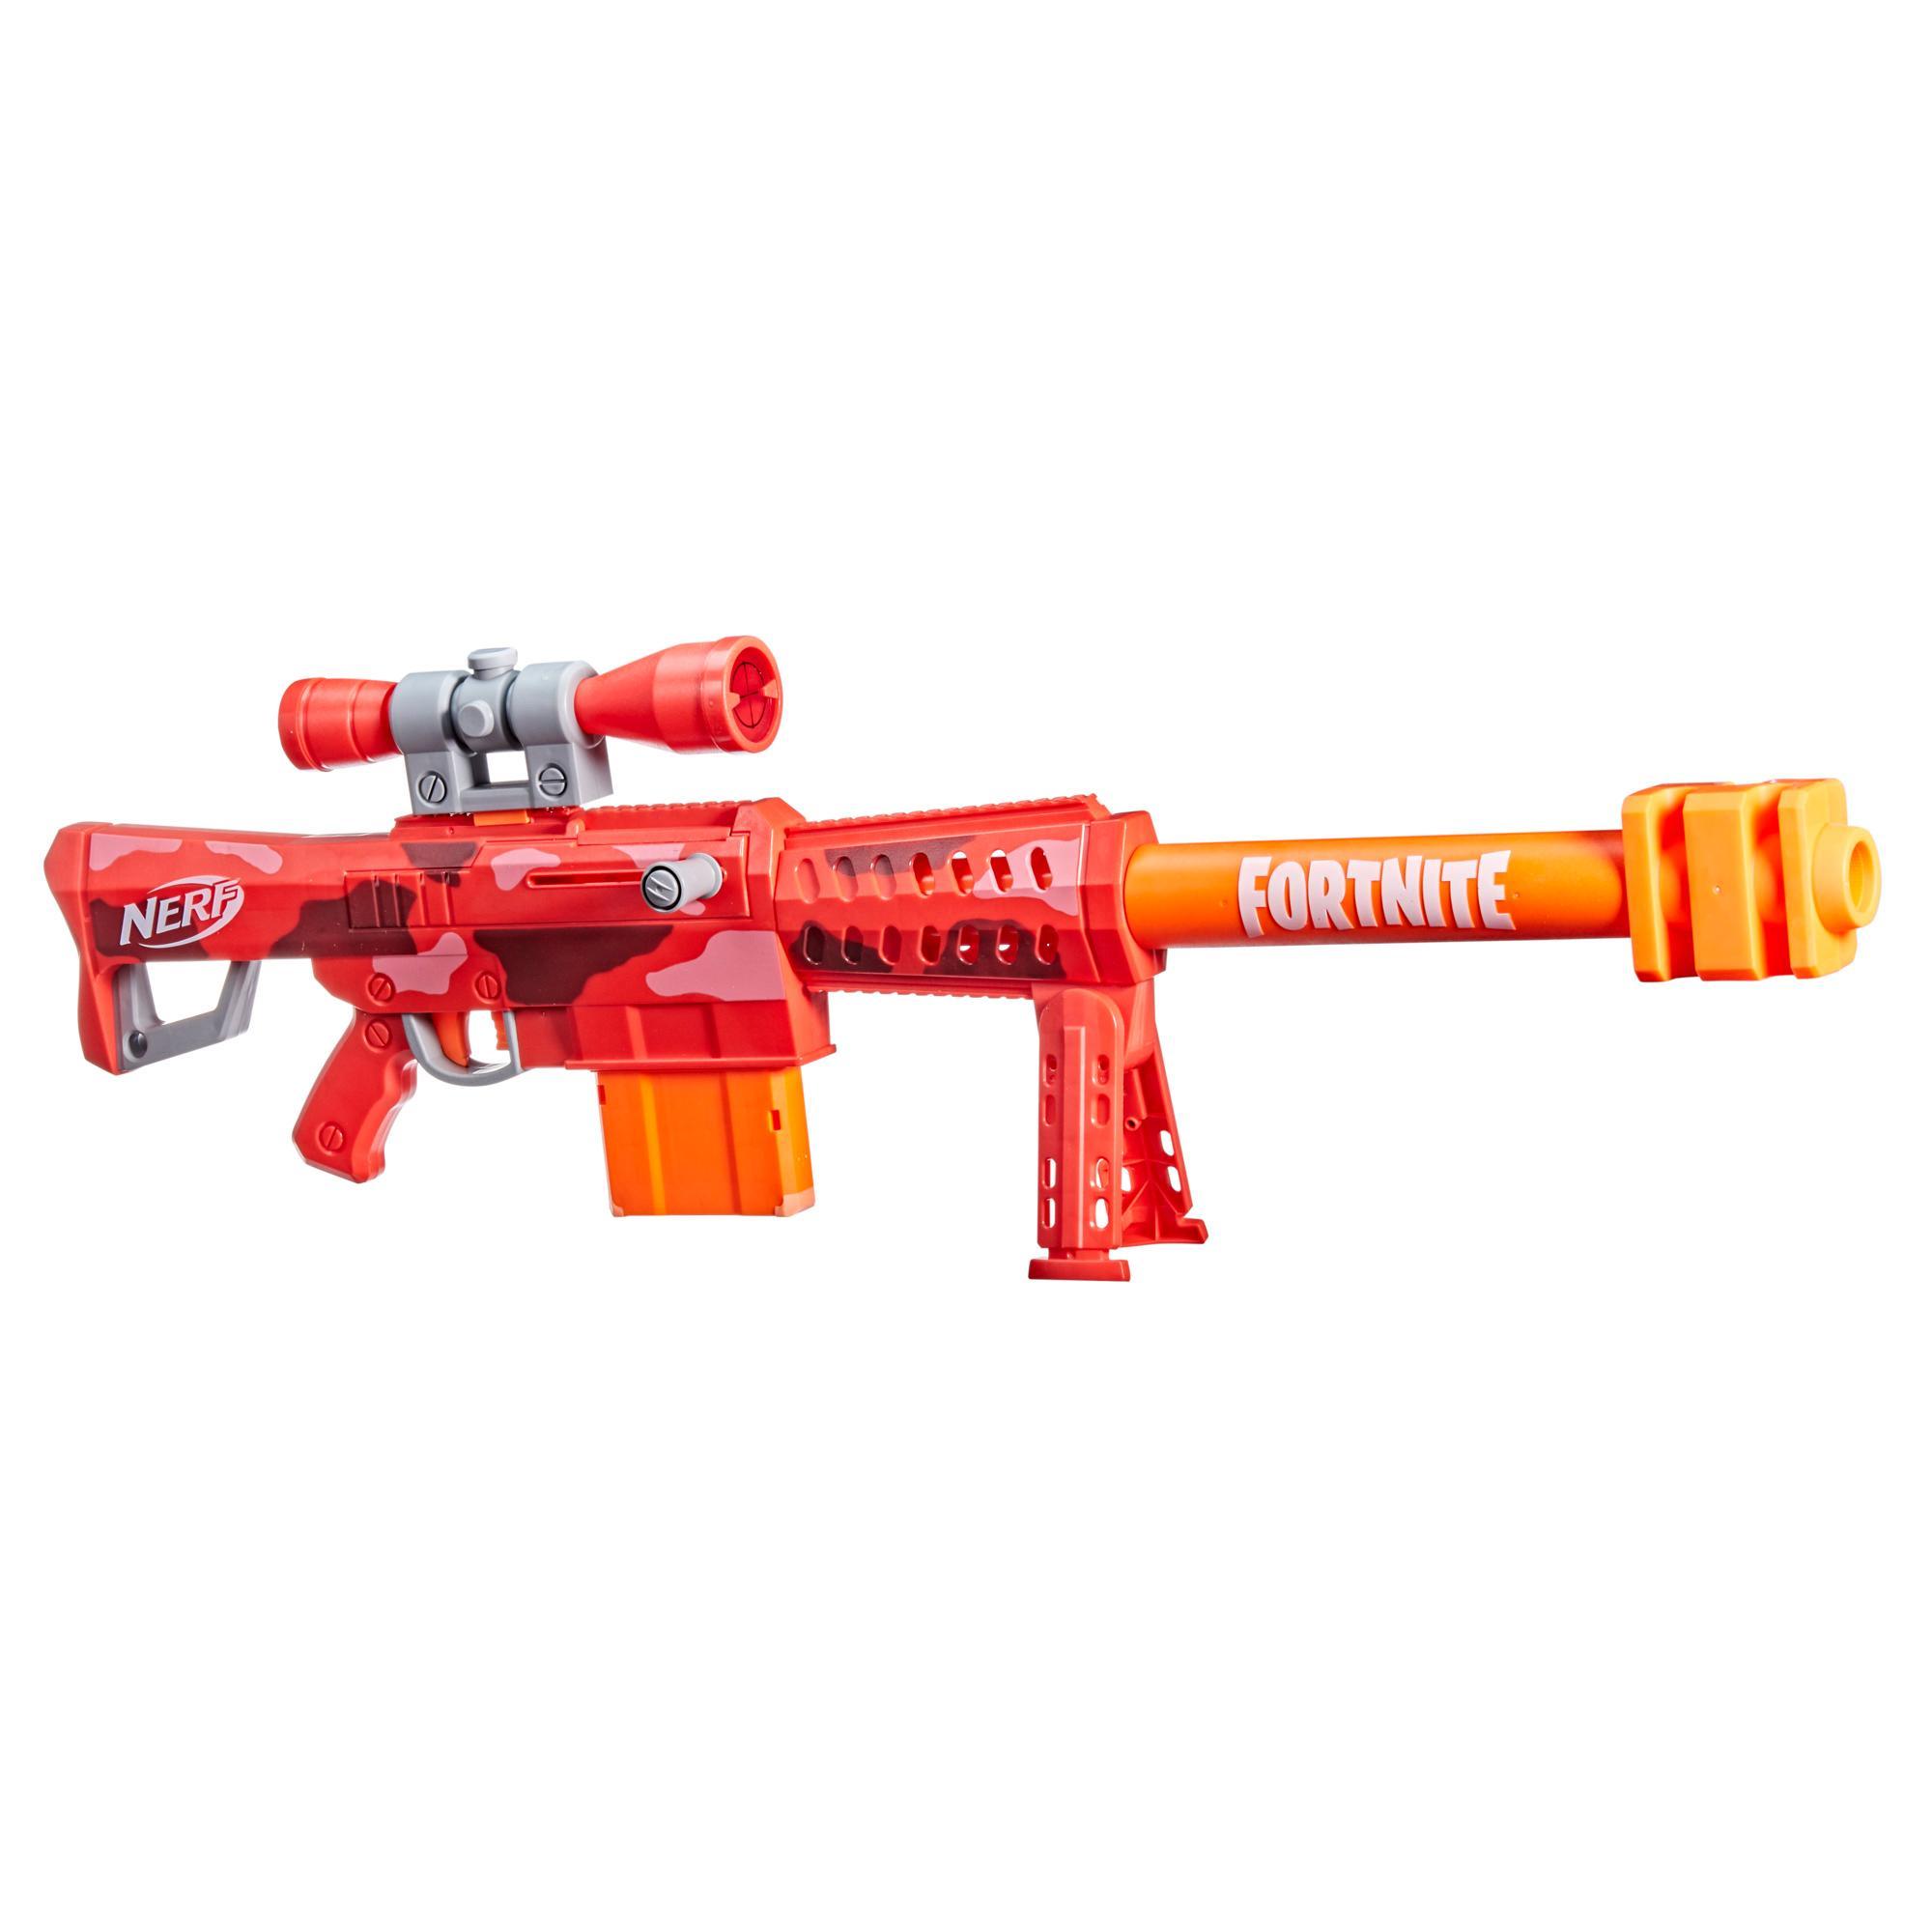 Heavy SR de Nerf Fortnite